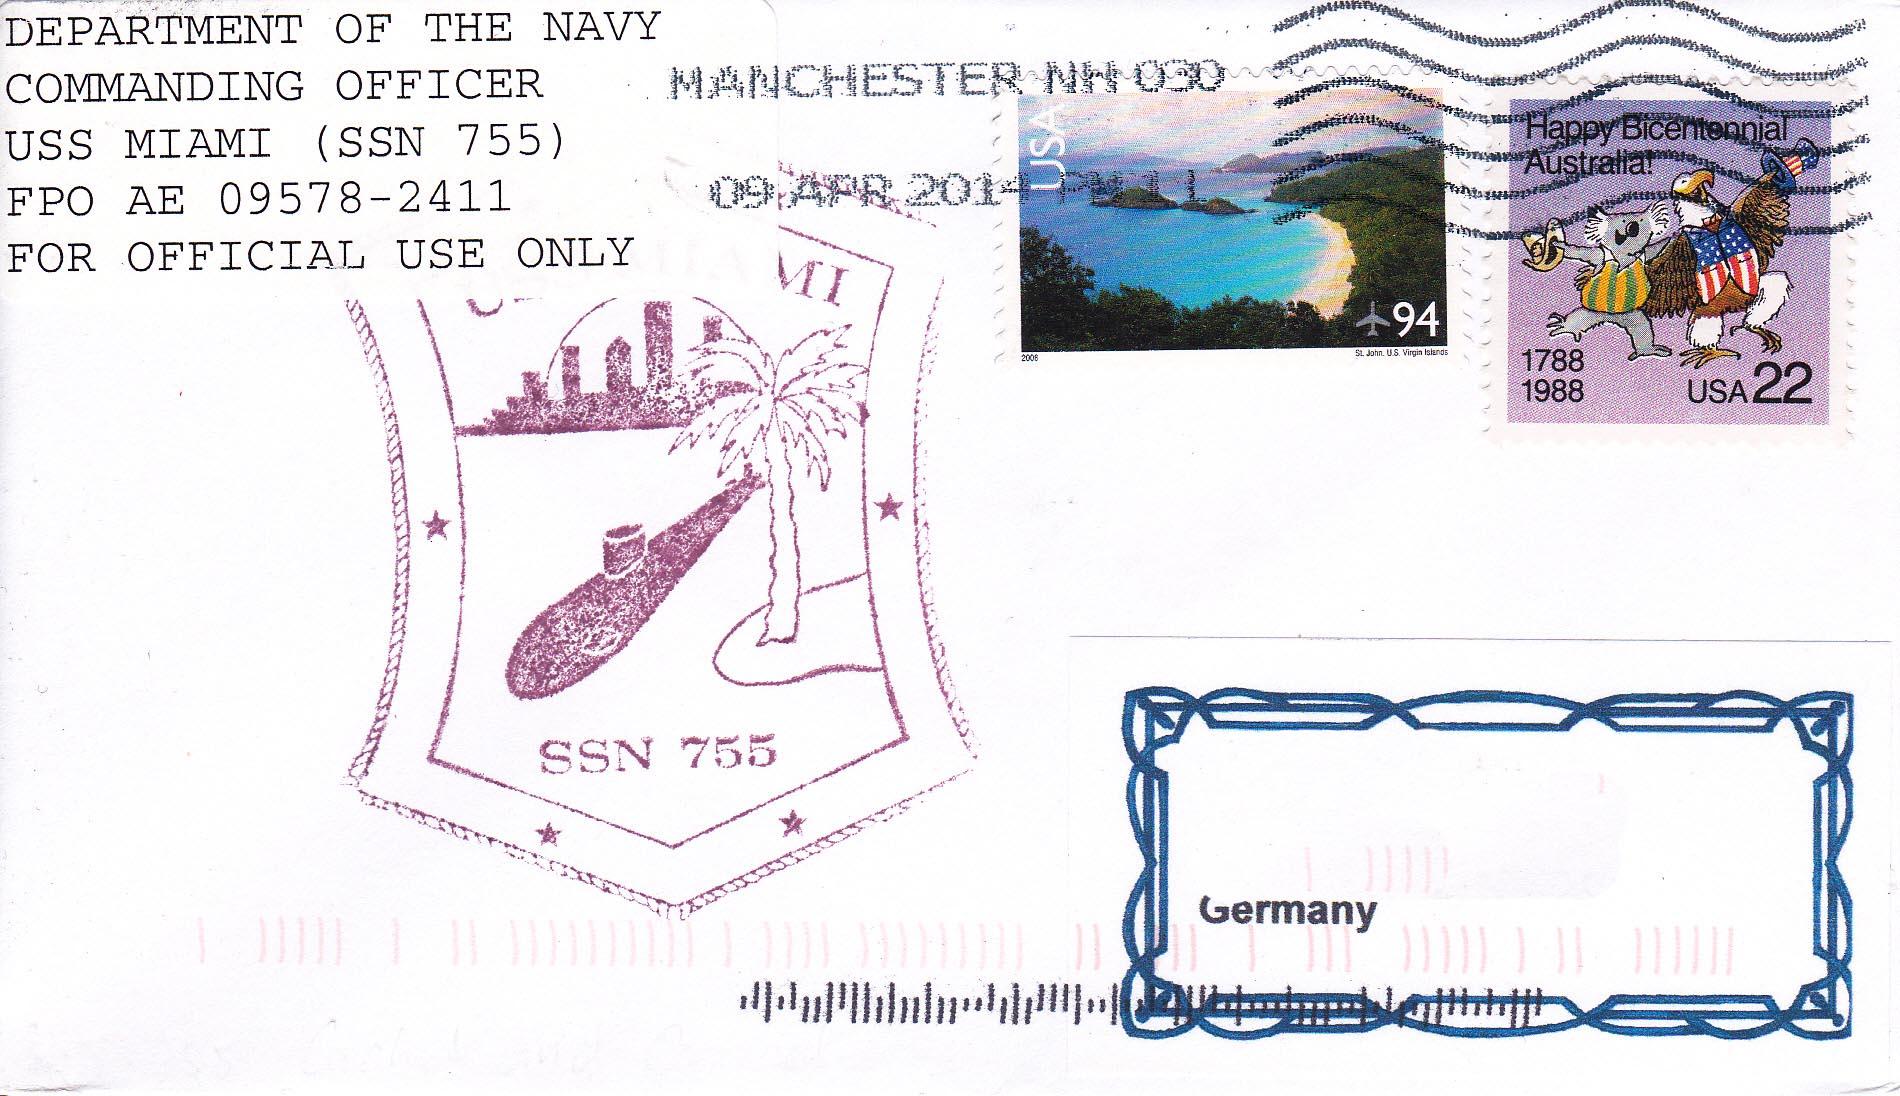 Beleg USS MIAMI SSN-755 vom 09.04.2014 von Heinz Grasse